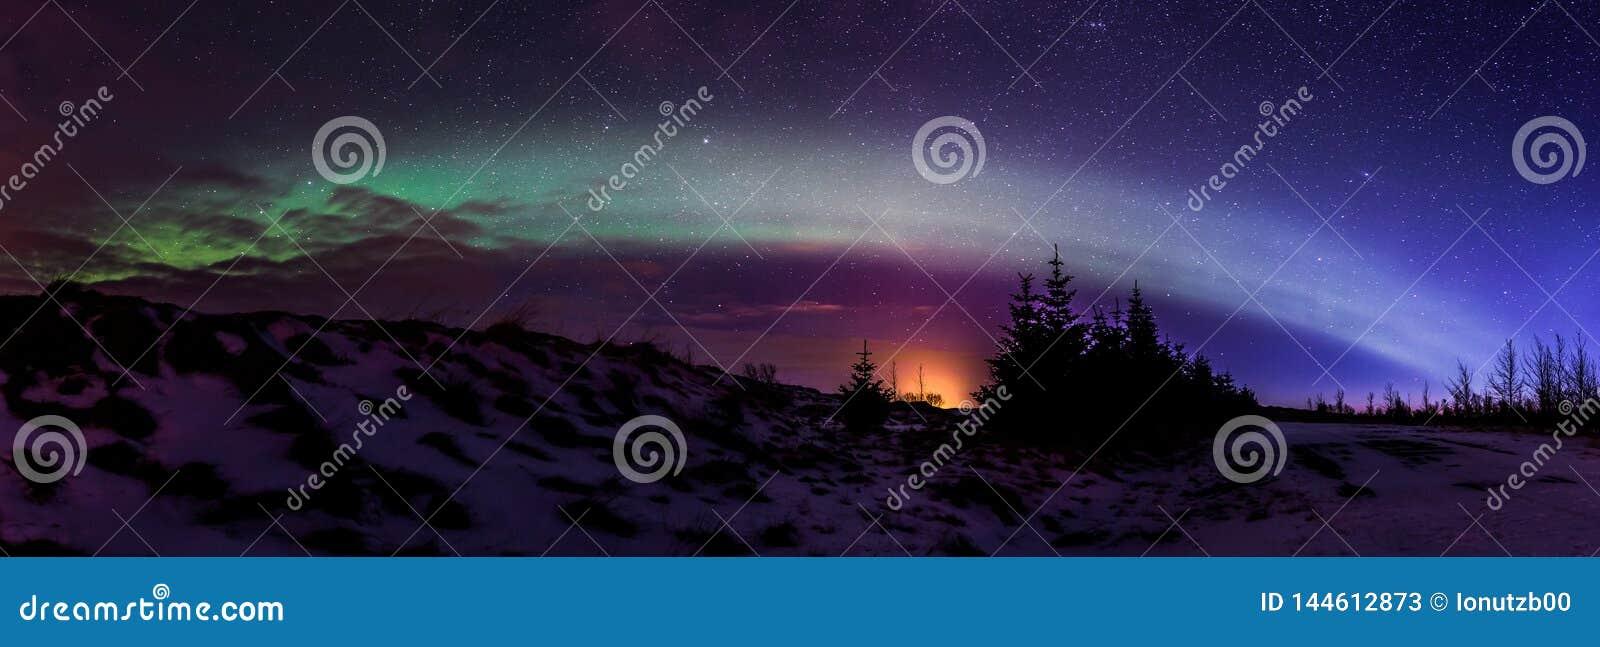 Nordlichter Aurora Borealis bei Sonnenaufgang in Island